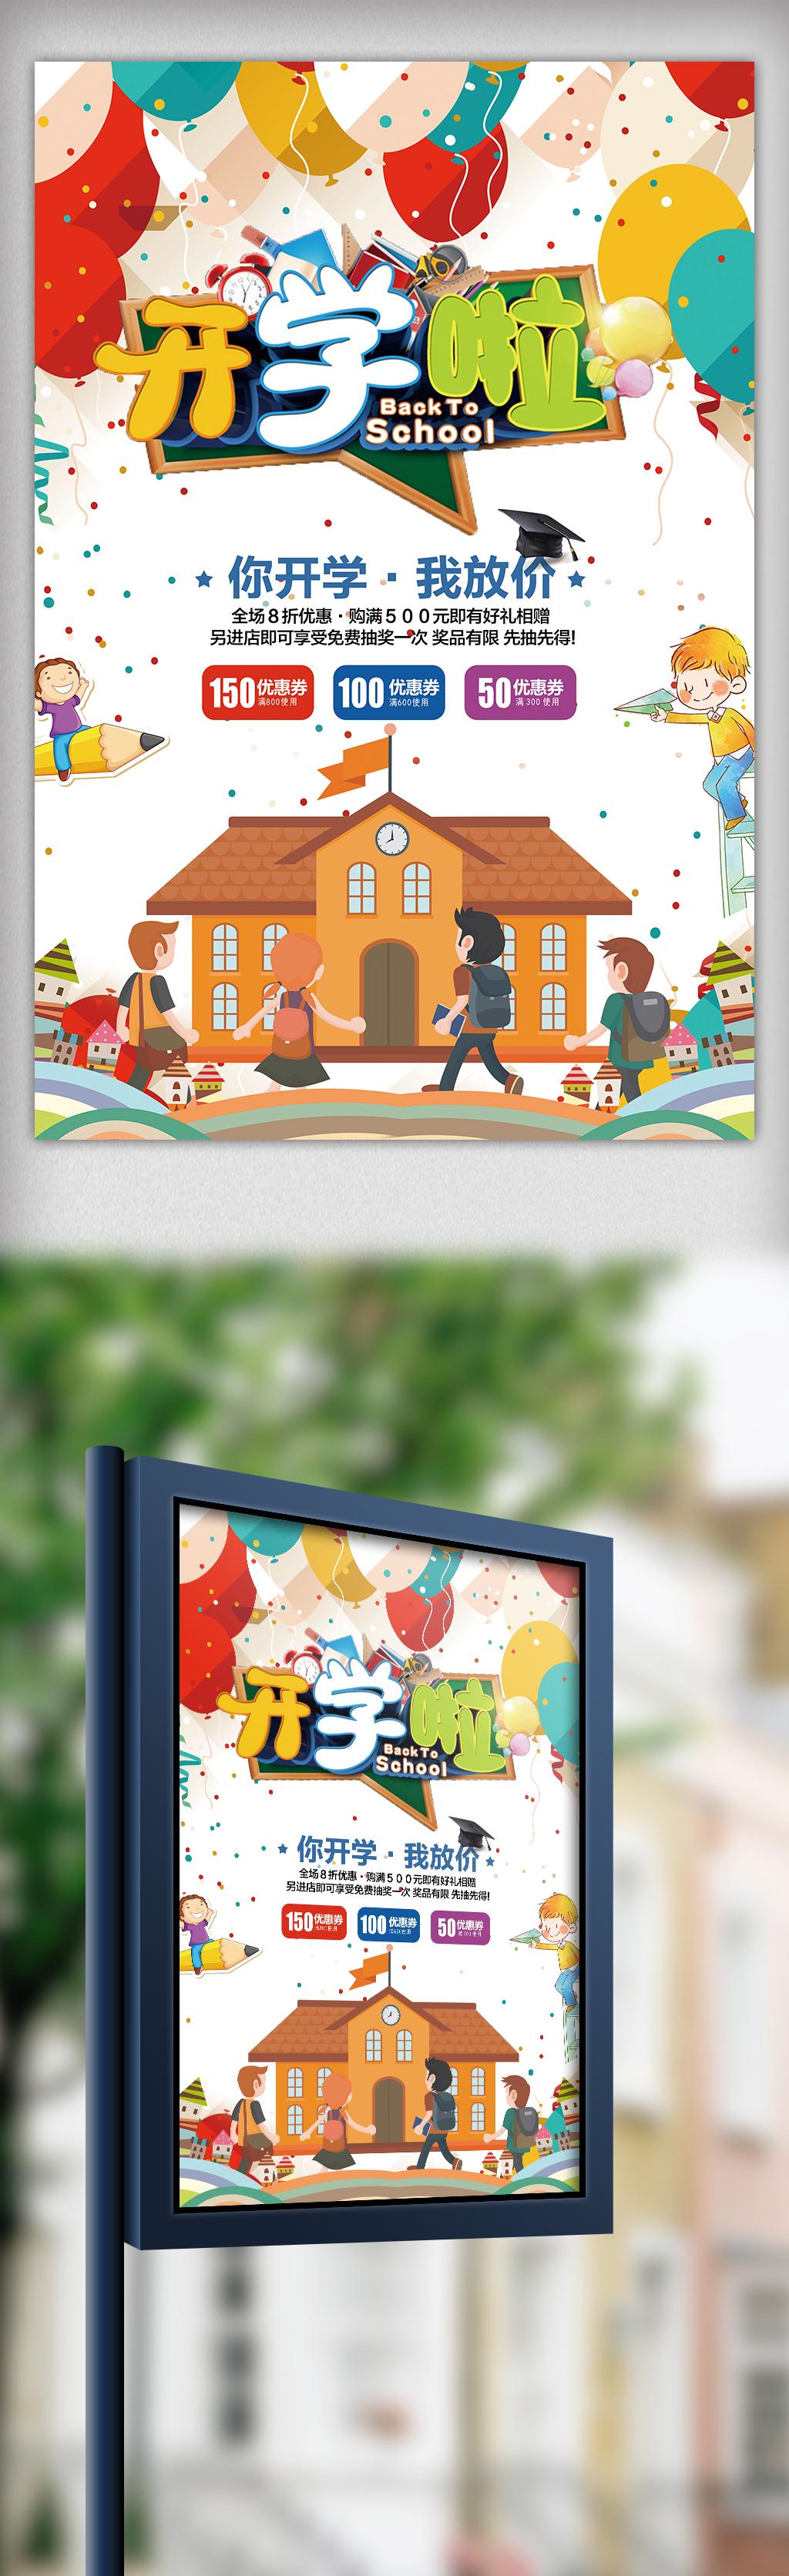 平面|广告设计 海报设计 pop海报 > 2018年创意卡通风开学啦海报